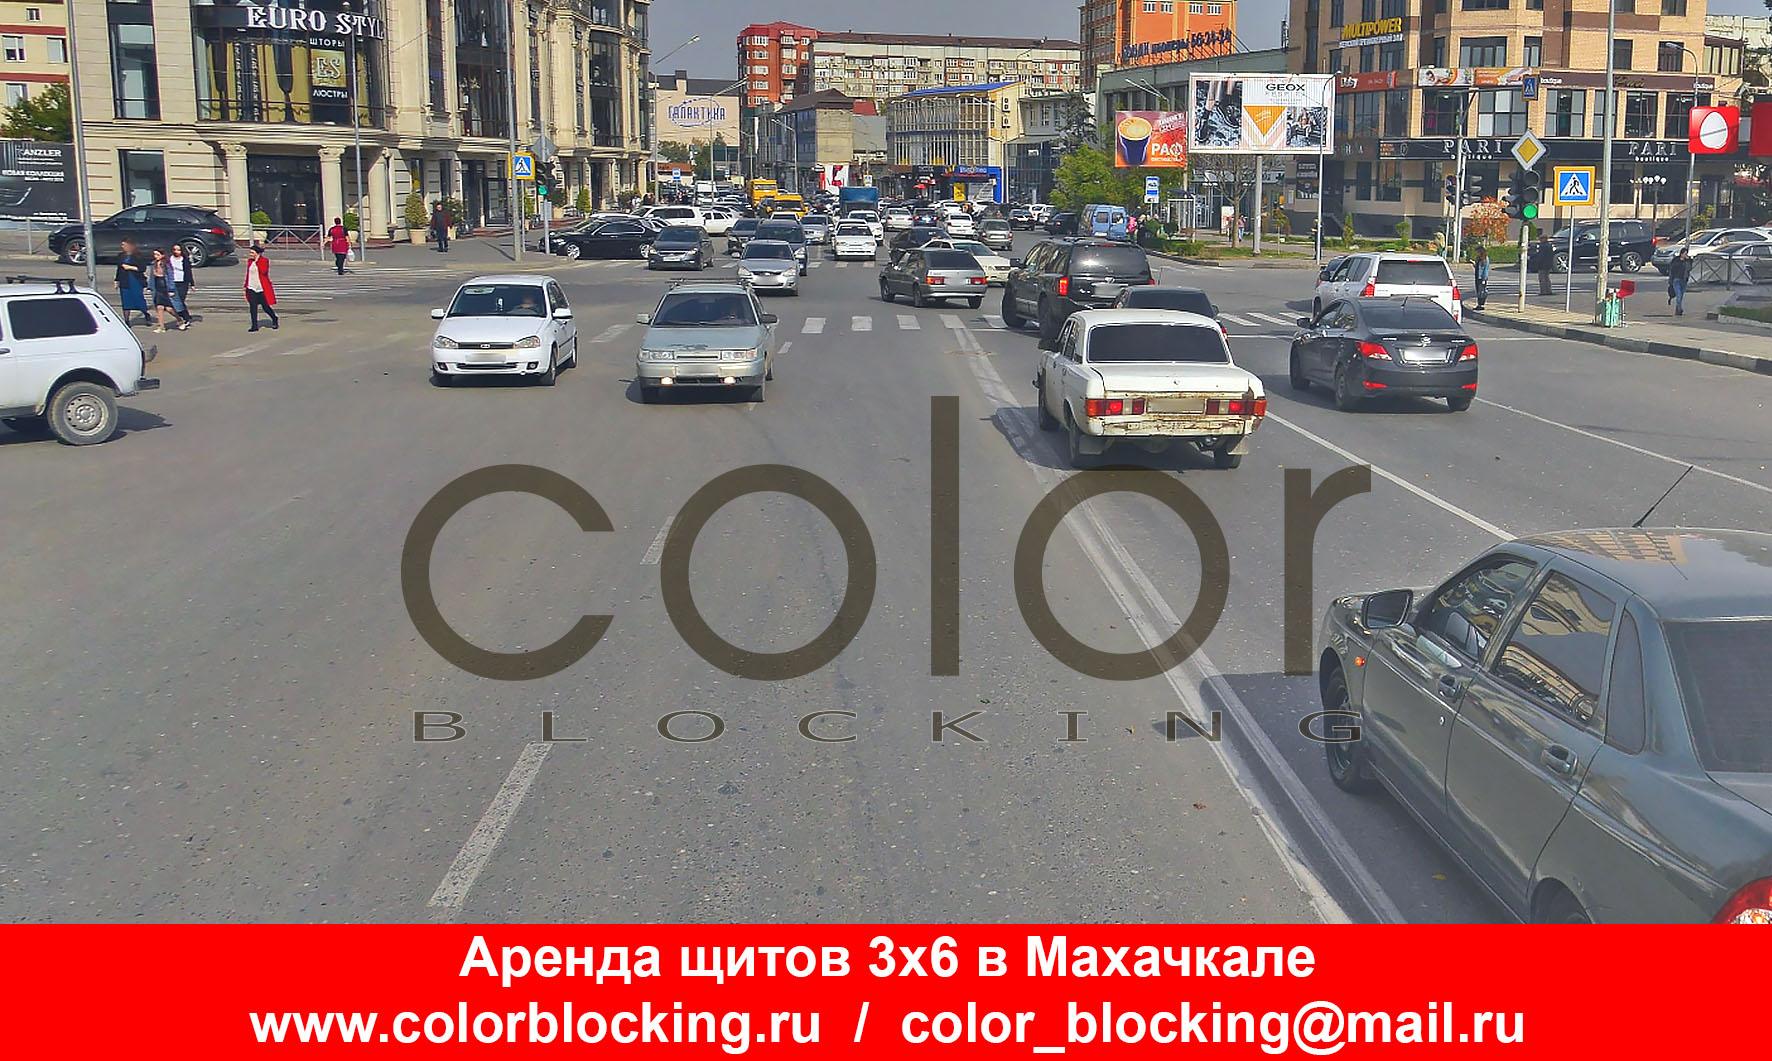 Наружная реклама в Махачкале призматроны